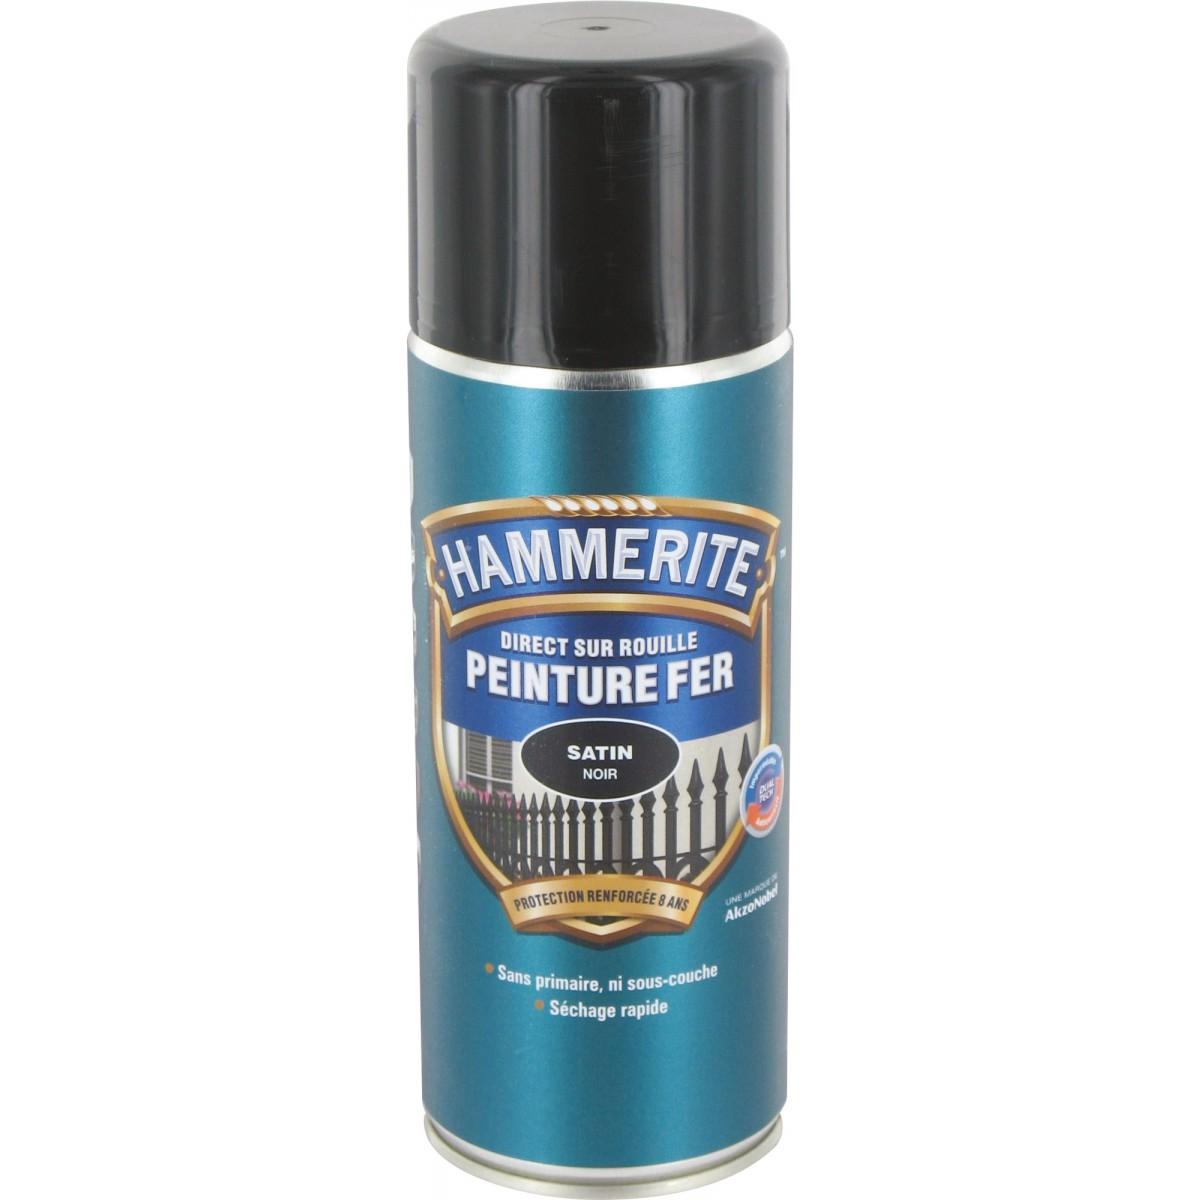 Peinture aérosol Hammerite - Satiné - Noir de Peinture aérosol 1065504 | Mon Magasin Général